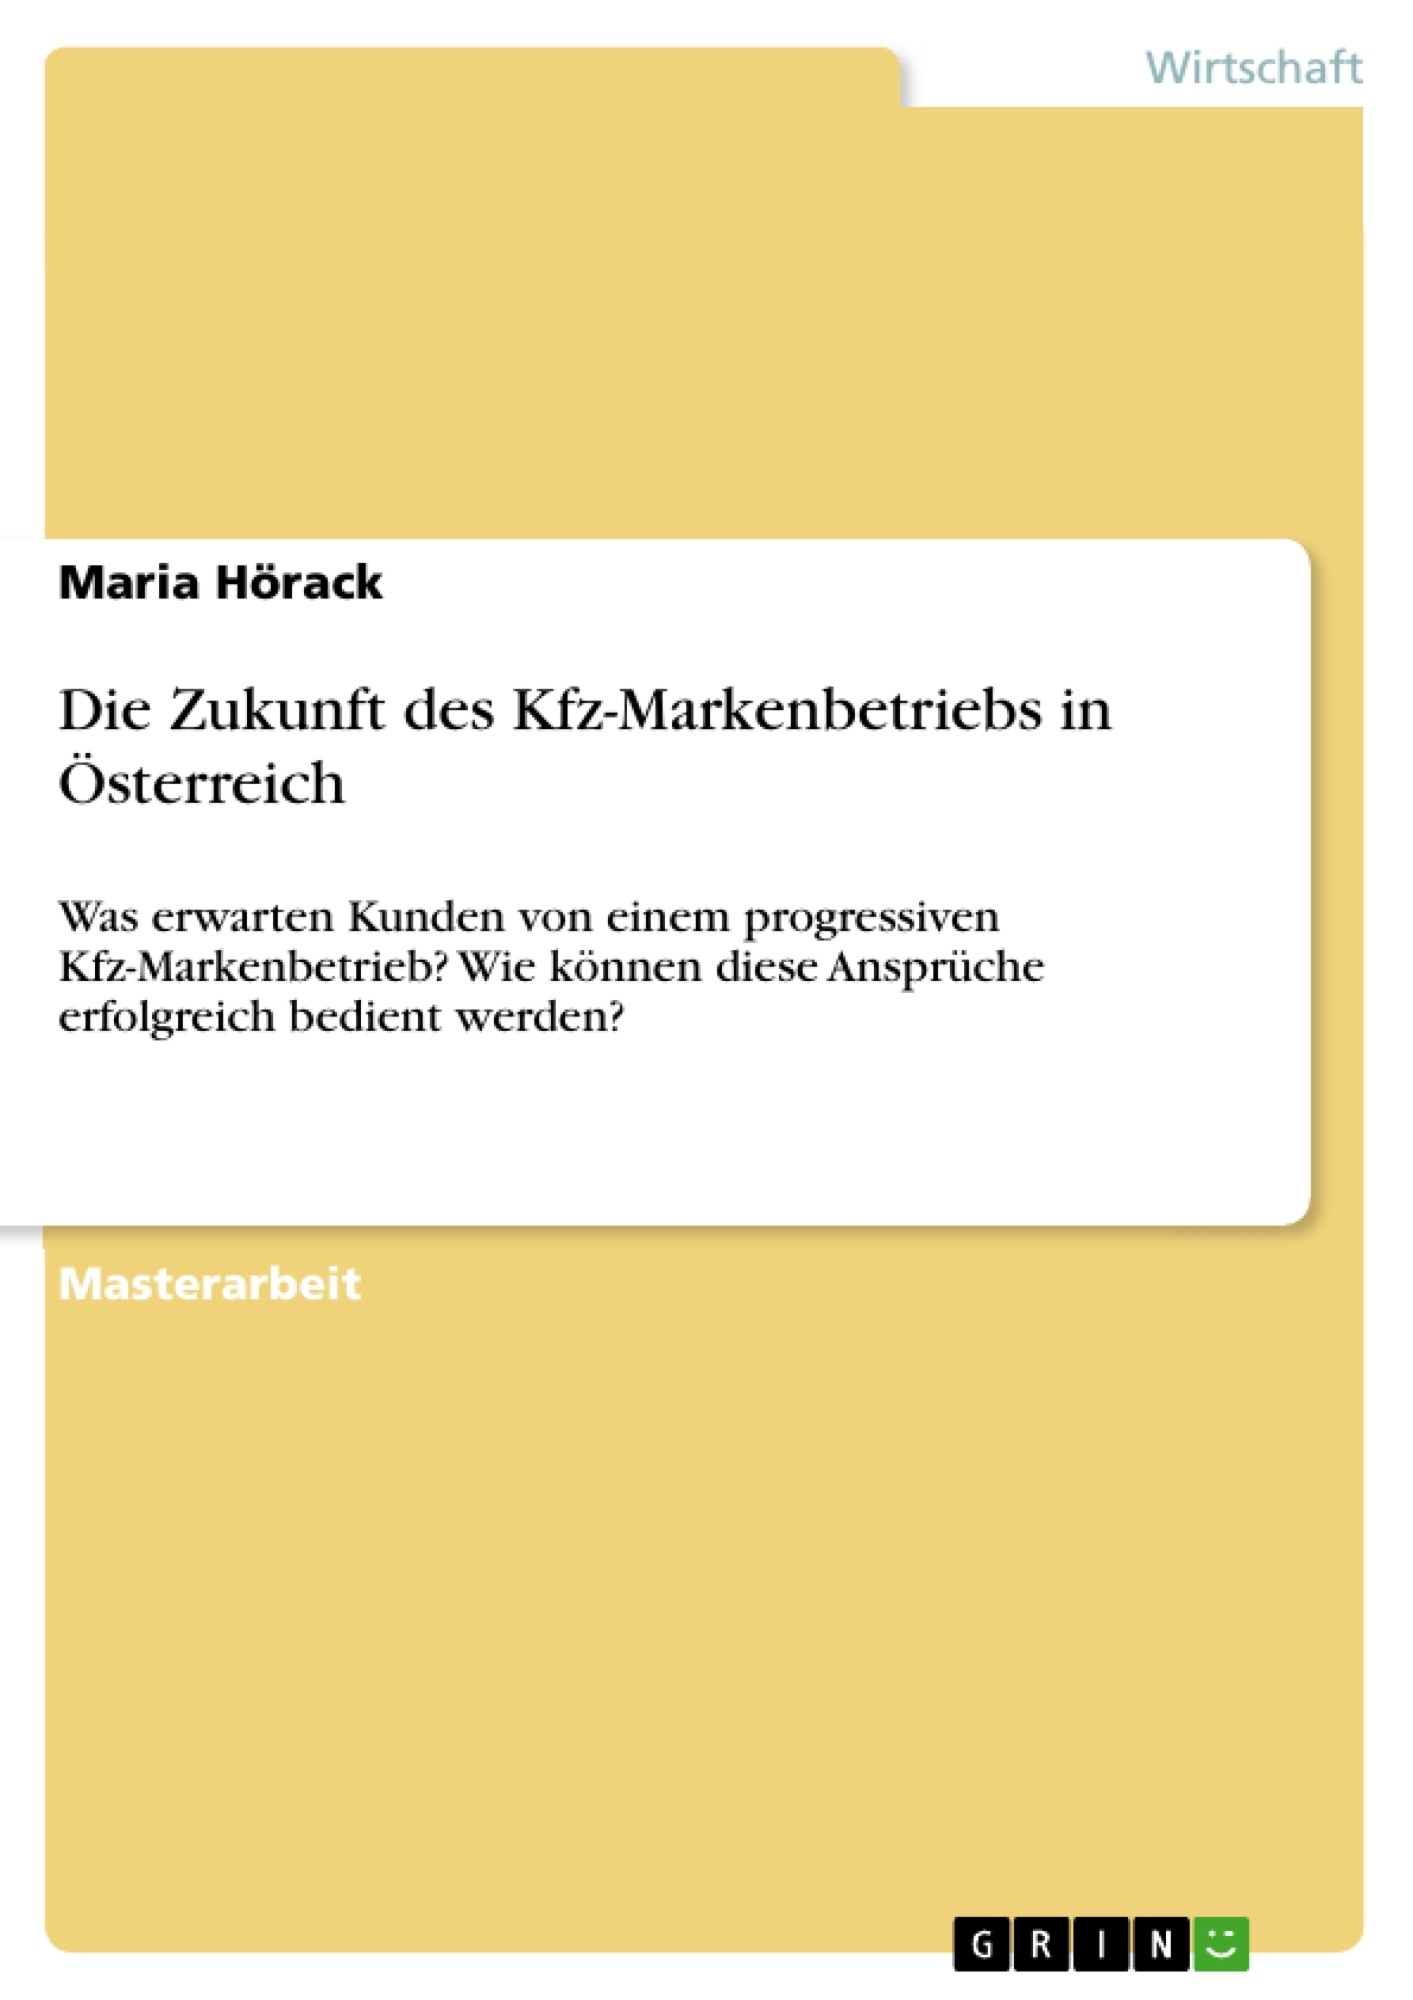 Titel: Die Zukunft des Kfz-Markenbetriebs in Österreich